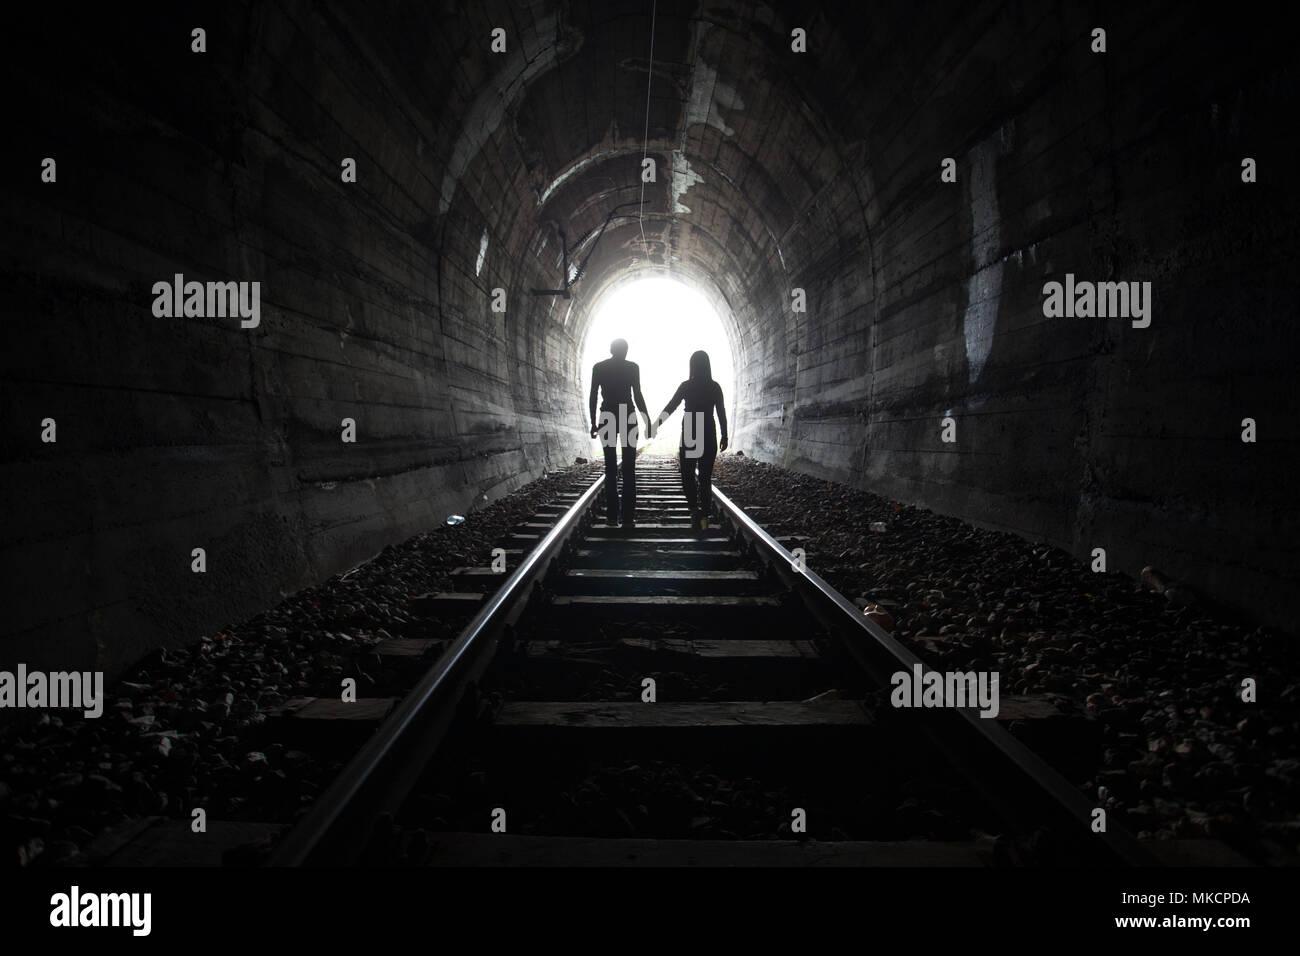 Paar Hand in Hand entlang der Strecke durch eine Eisenbahn Tunnel Richtung helles Licht am anderen Ende, erscheinen sie als Silhouetten gegen die Stockbild